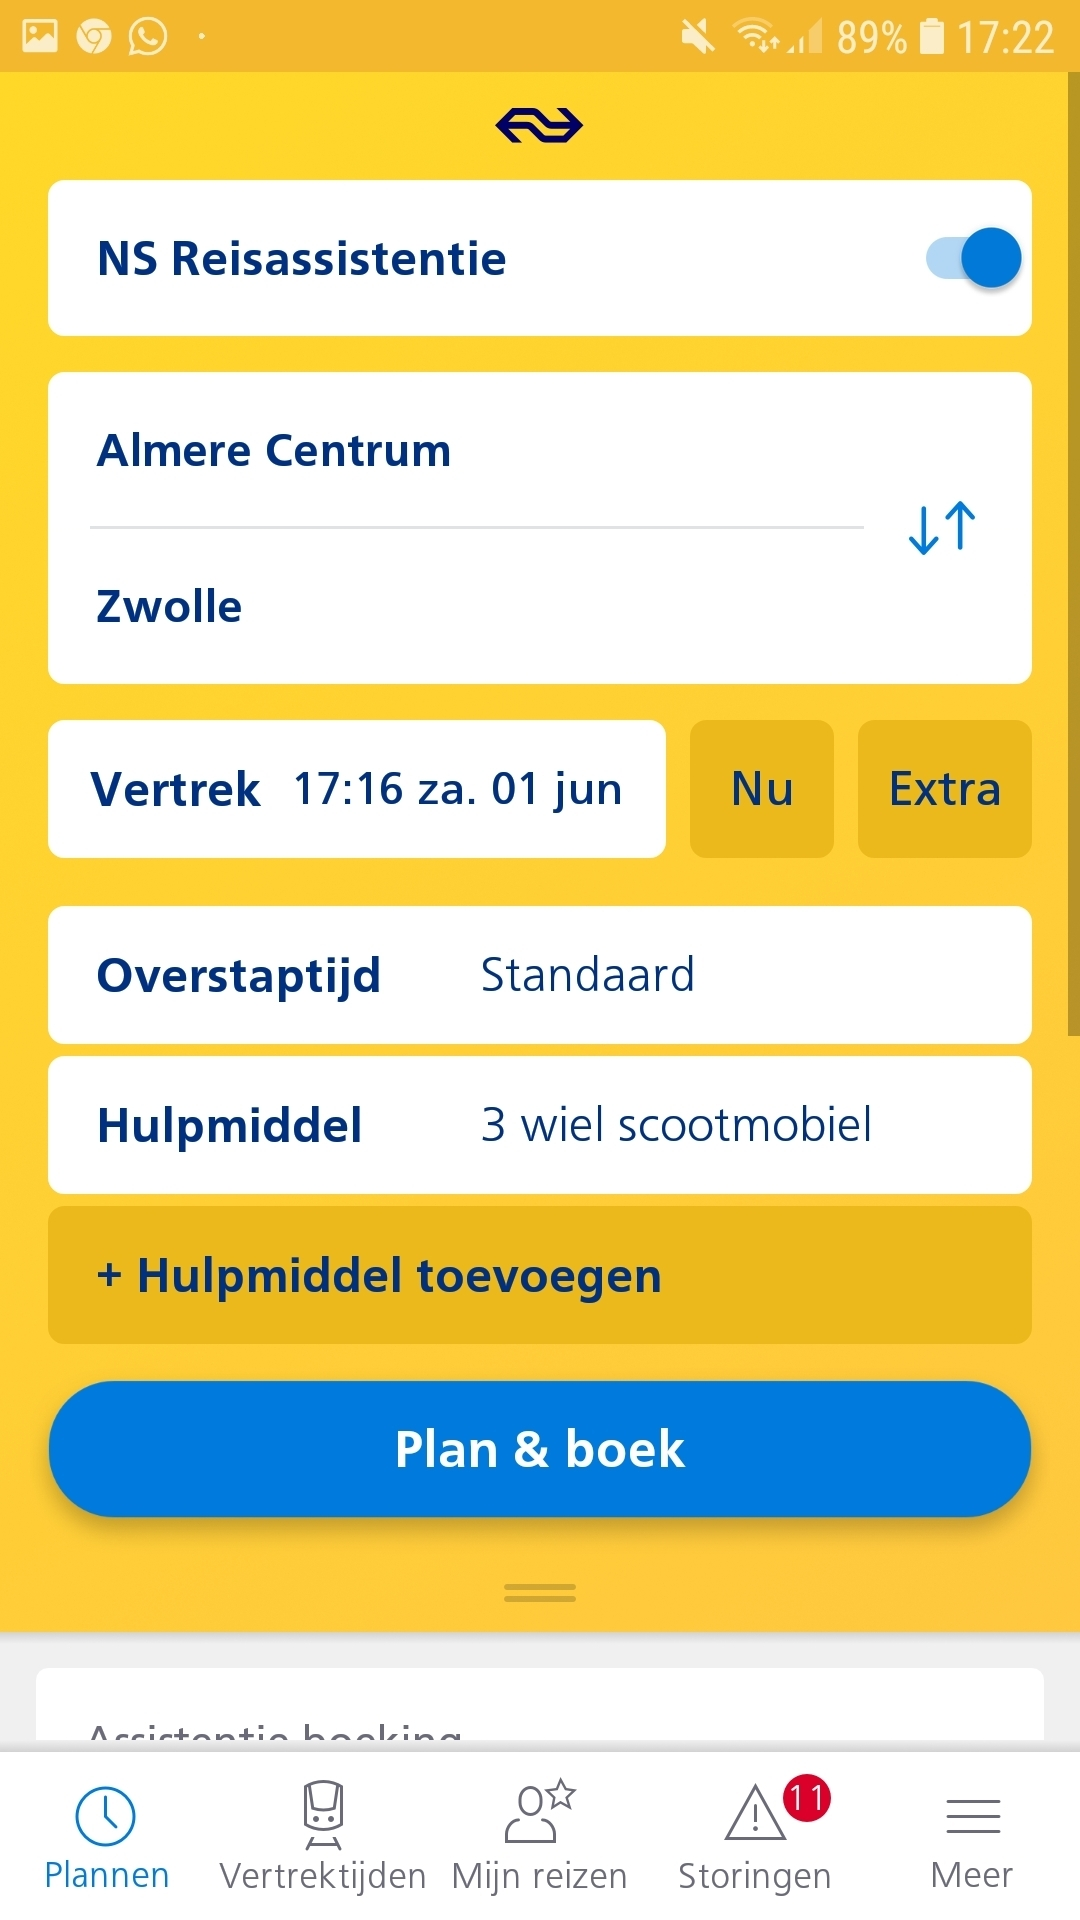 Zo vraagt u reis assistentie aan via de NS app.